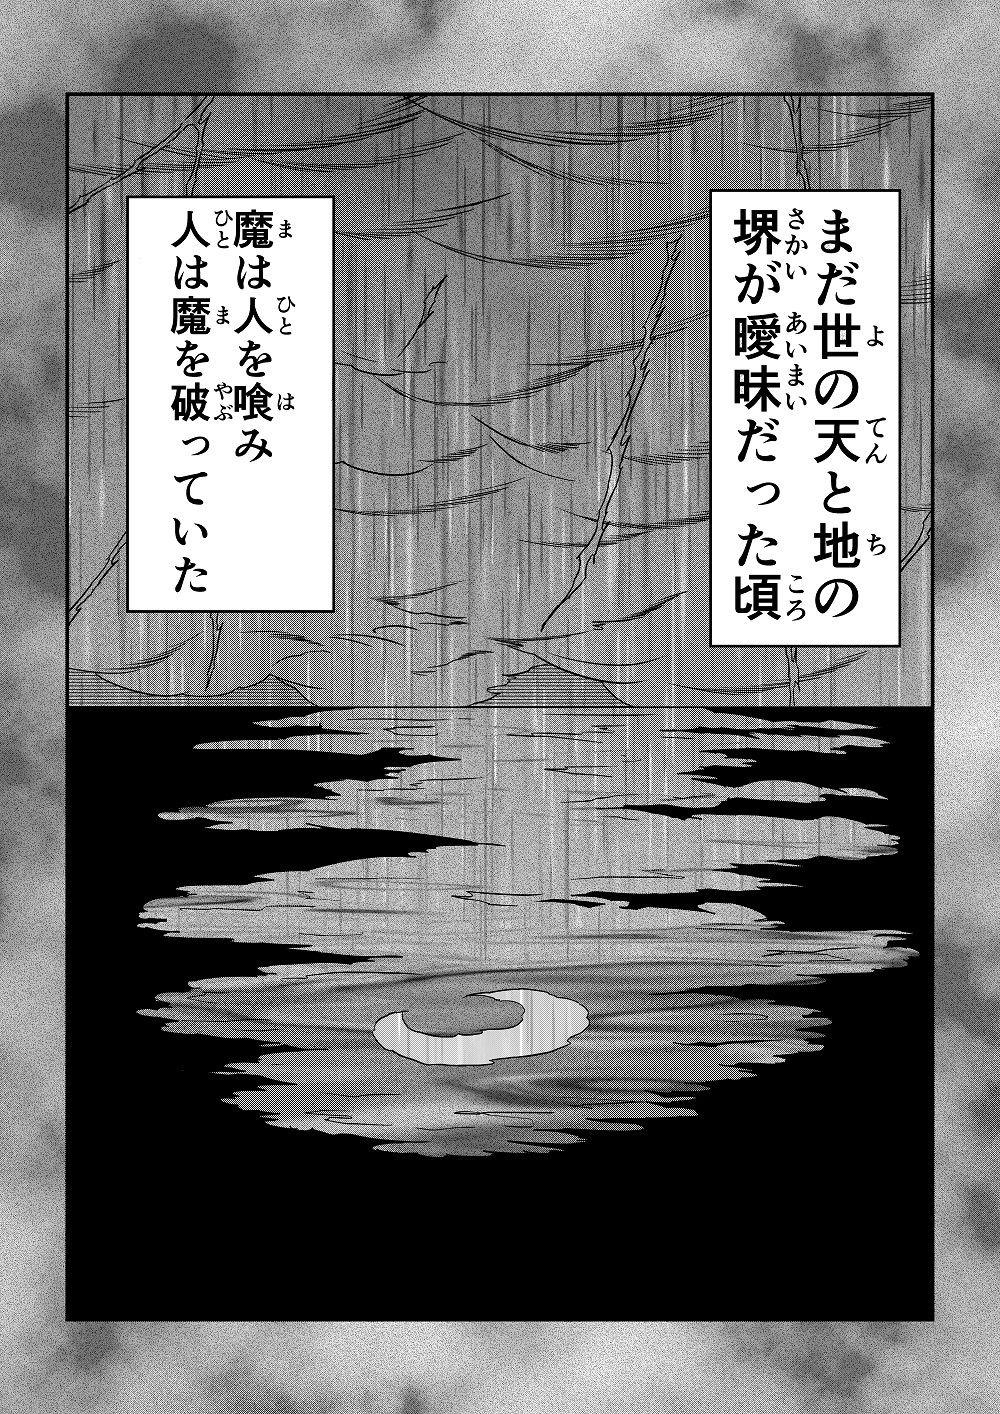 【無料】天地魔倒のサンプル画像2